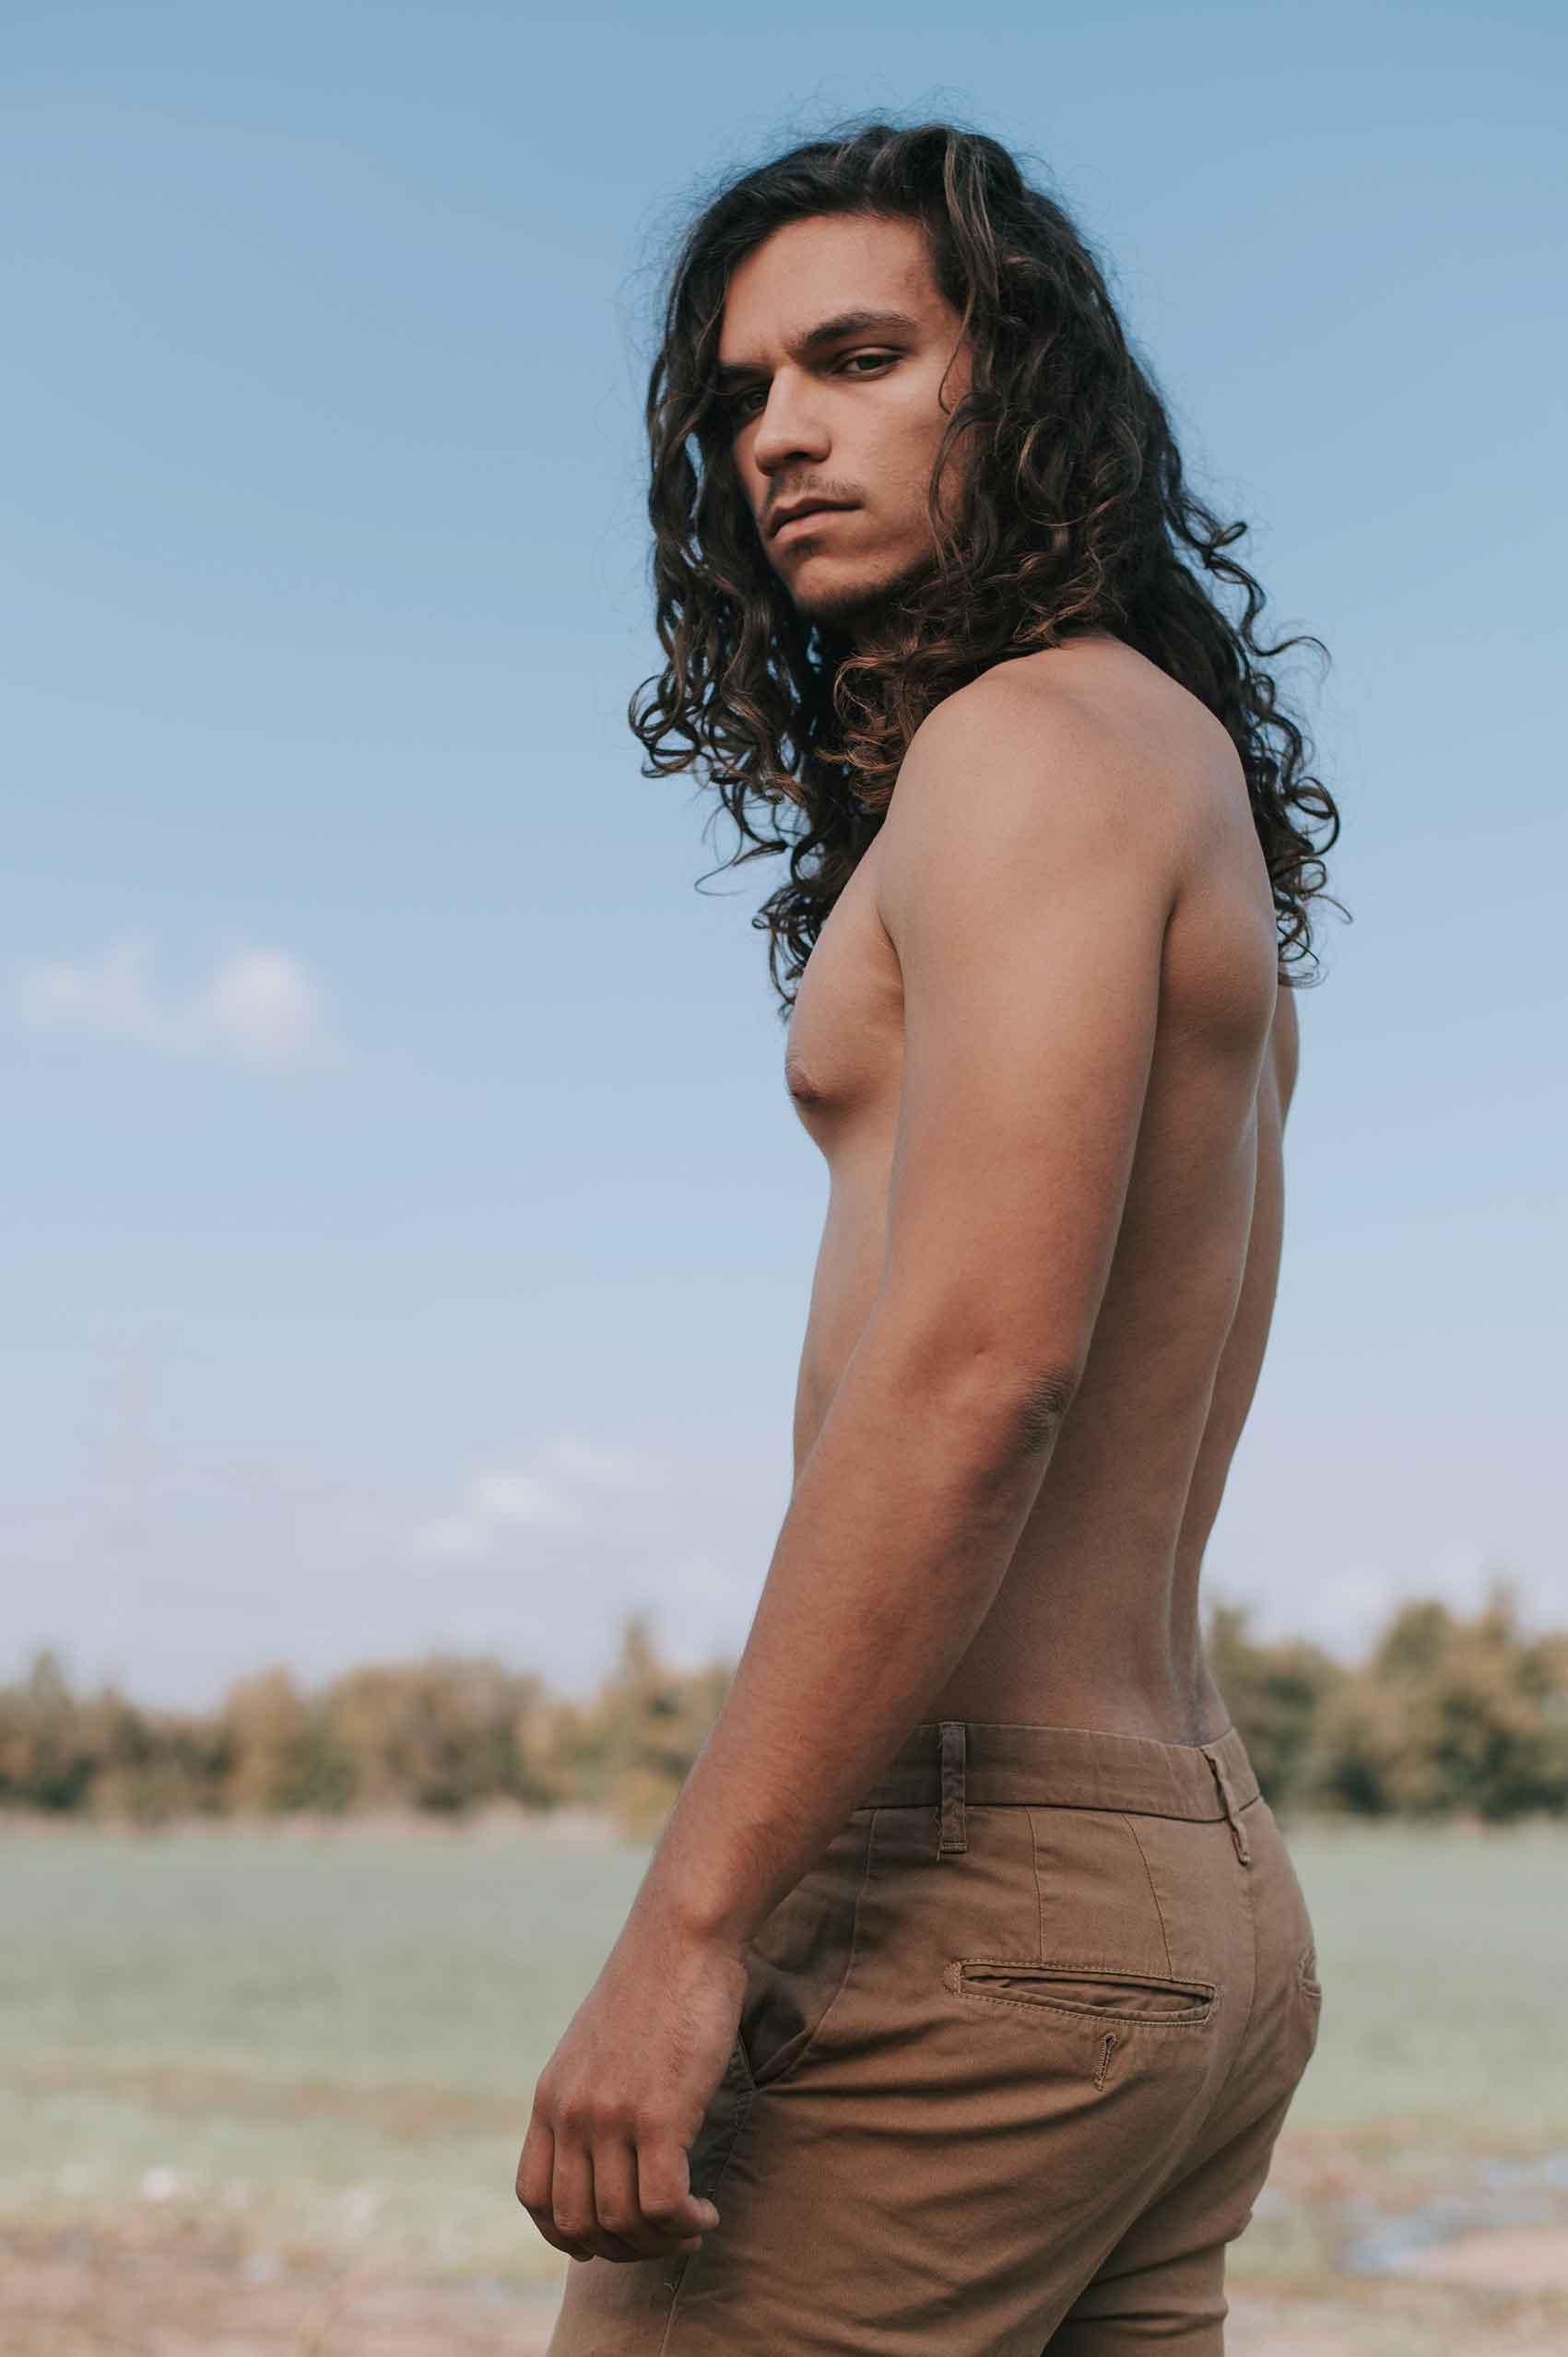 הפקות אופנה-טבע-אלדר-סלומולון-מגזין אופנה לגברים